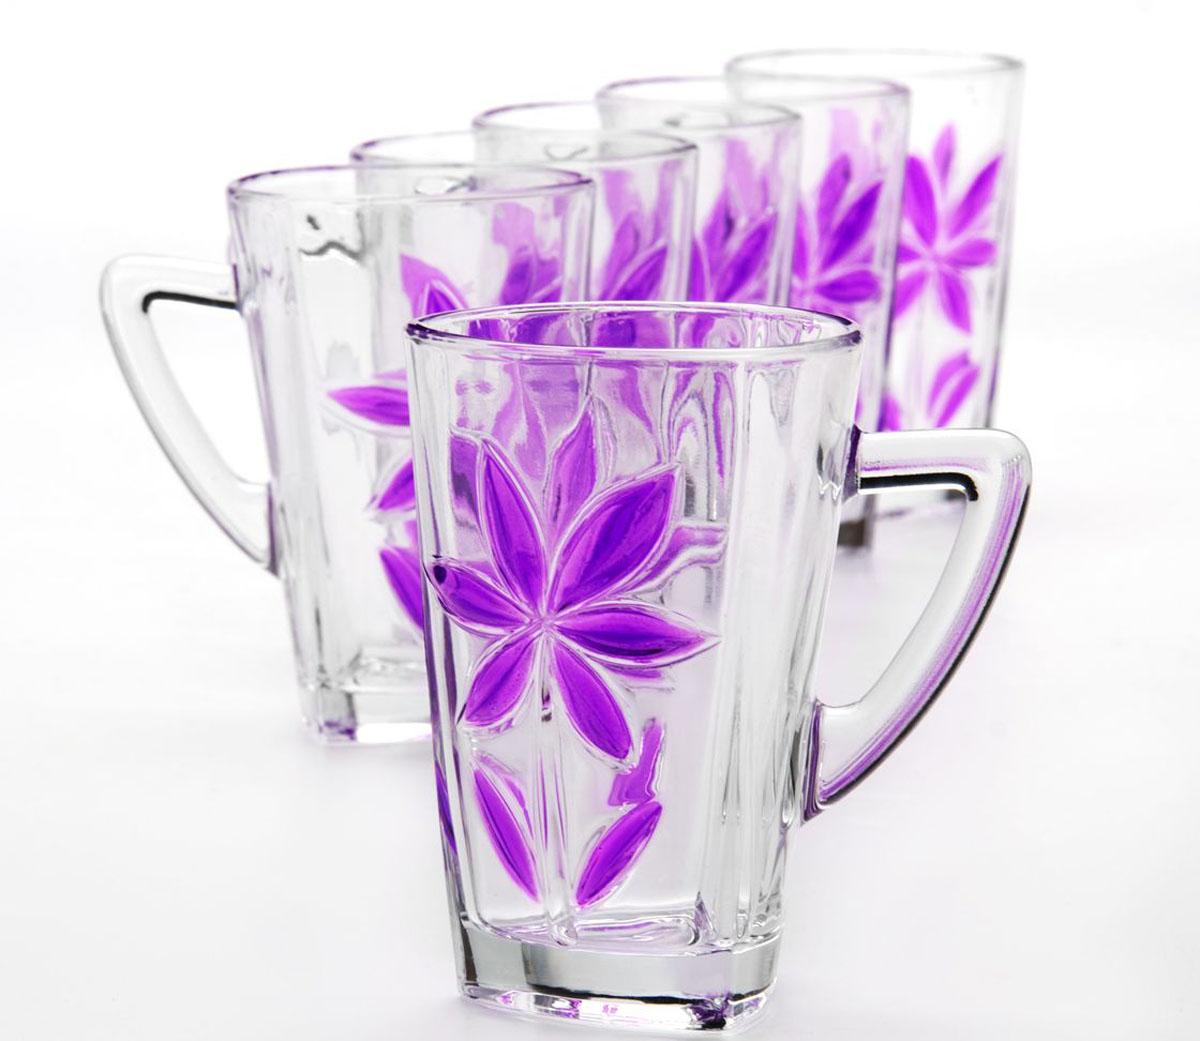 Набор стаканов Mayer & Boch, 255 мл, 6 штVT-1520(SR)Набор, состоящий из шести стаканов, несомненно, придется вам по душе. Стаканы выполнены из высококачественного стекла в мягких тонах с оригинальным цветочным узором. Благодаря такому набору пить напитки будет еще вкуснее. Набор стаканов Loraine станет также отличным подарком на любой праздник. Подходит для горячих и холодных напитков.